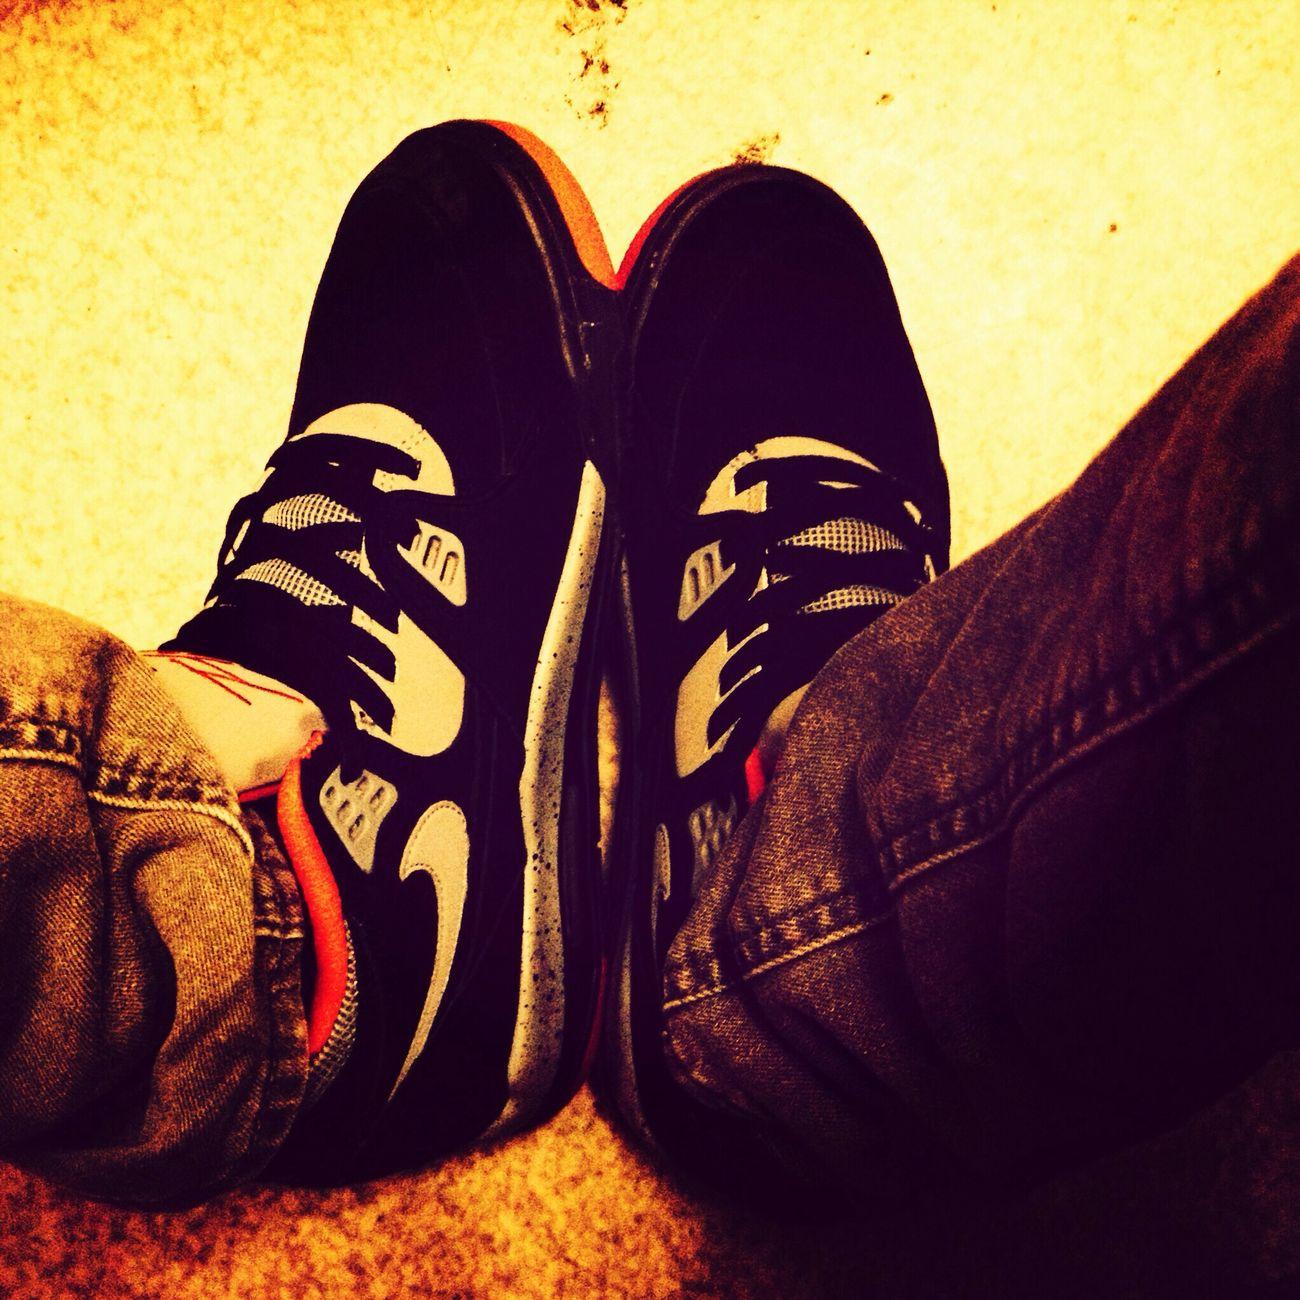 Sneakers Black Lyon France Lyon69 today us m'y days negga